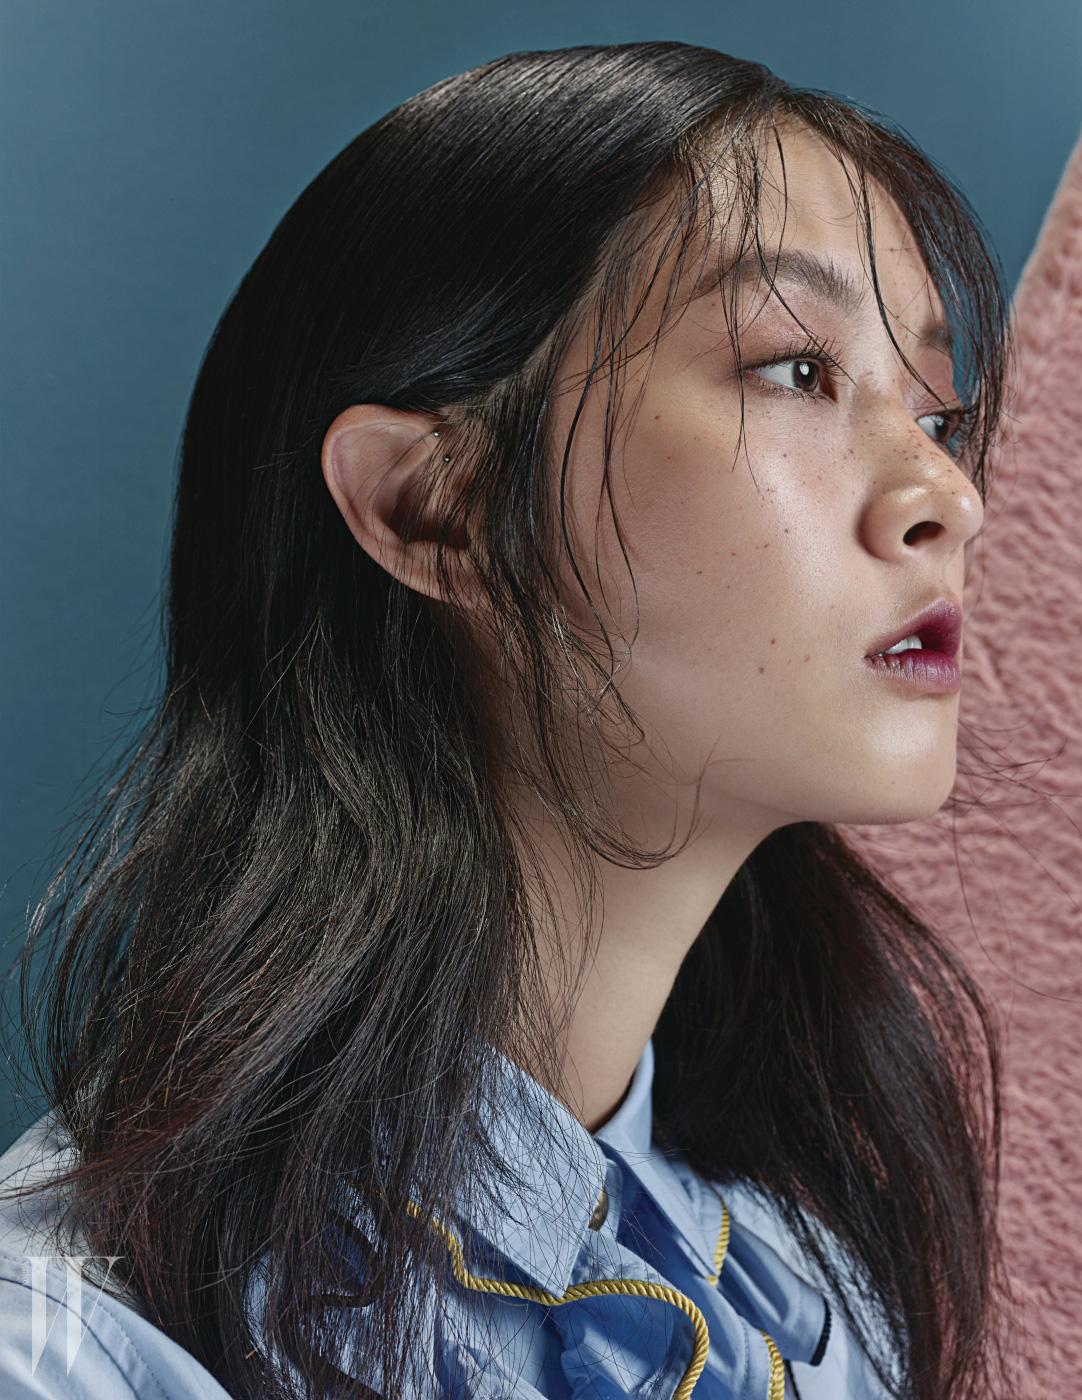 러플 장식 셔츠 블라우스는 Steve J & Yoni P 제품.